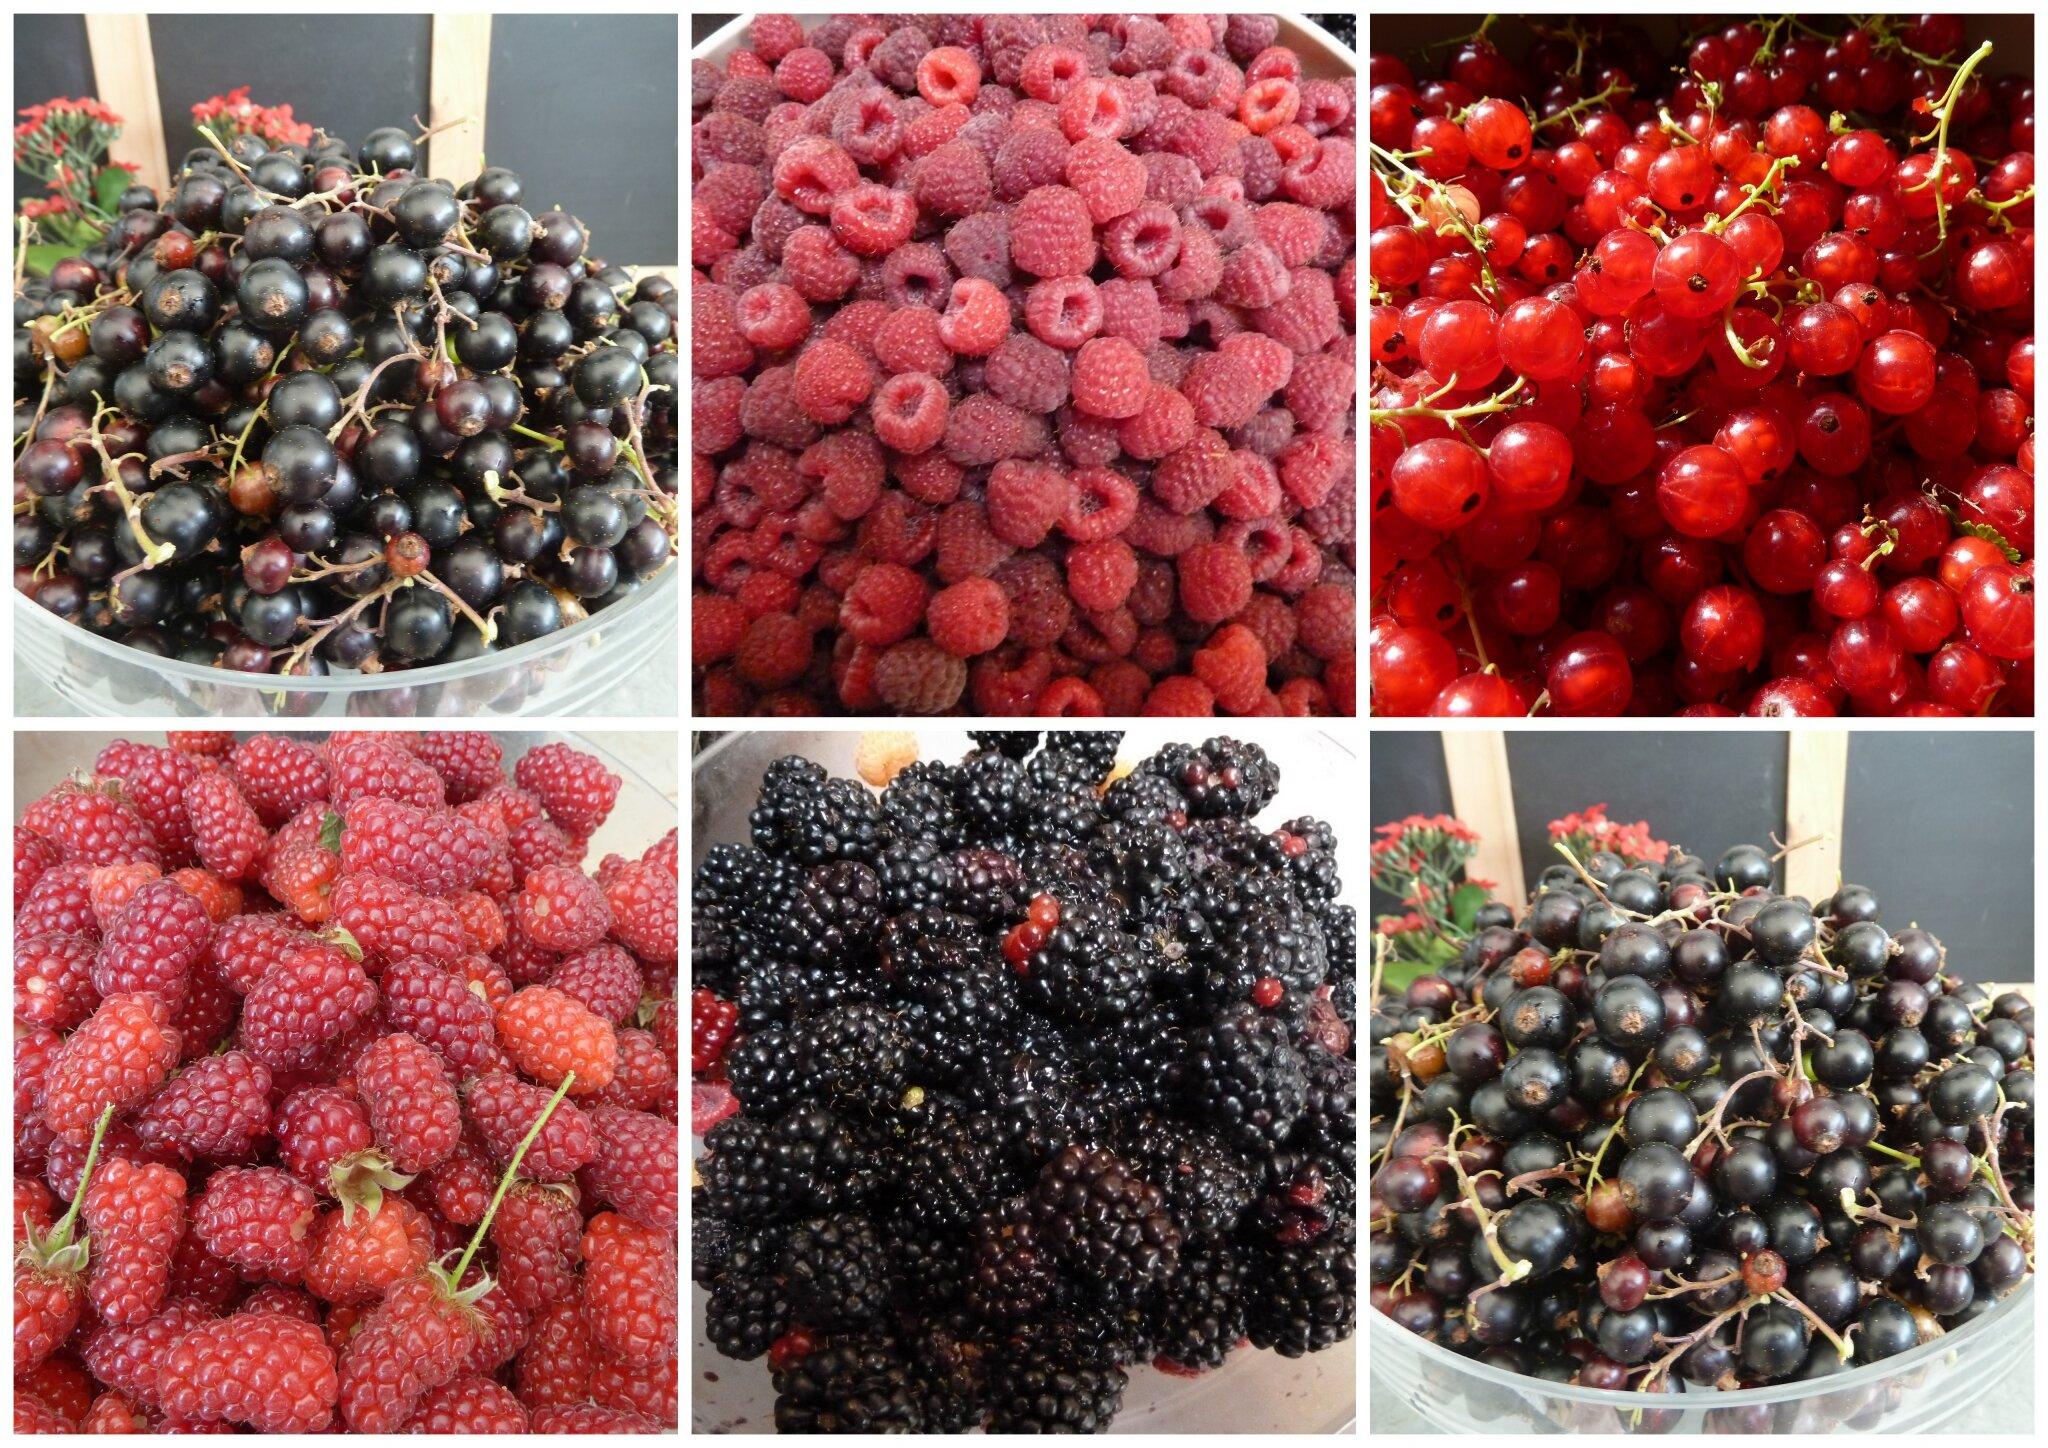 21 Novembre Pate De Fruits Je Me Lance Pour Savoir Il Faut